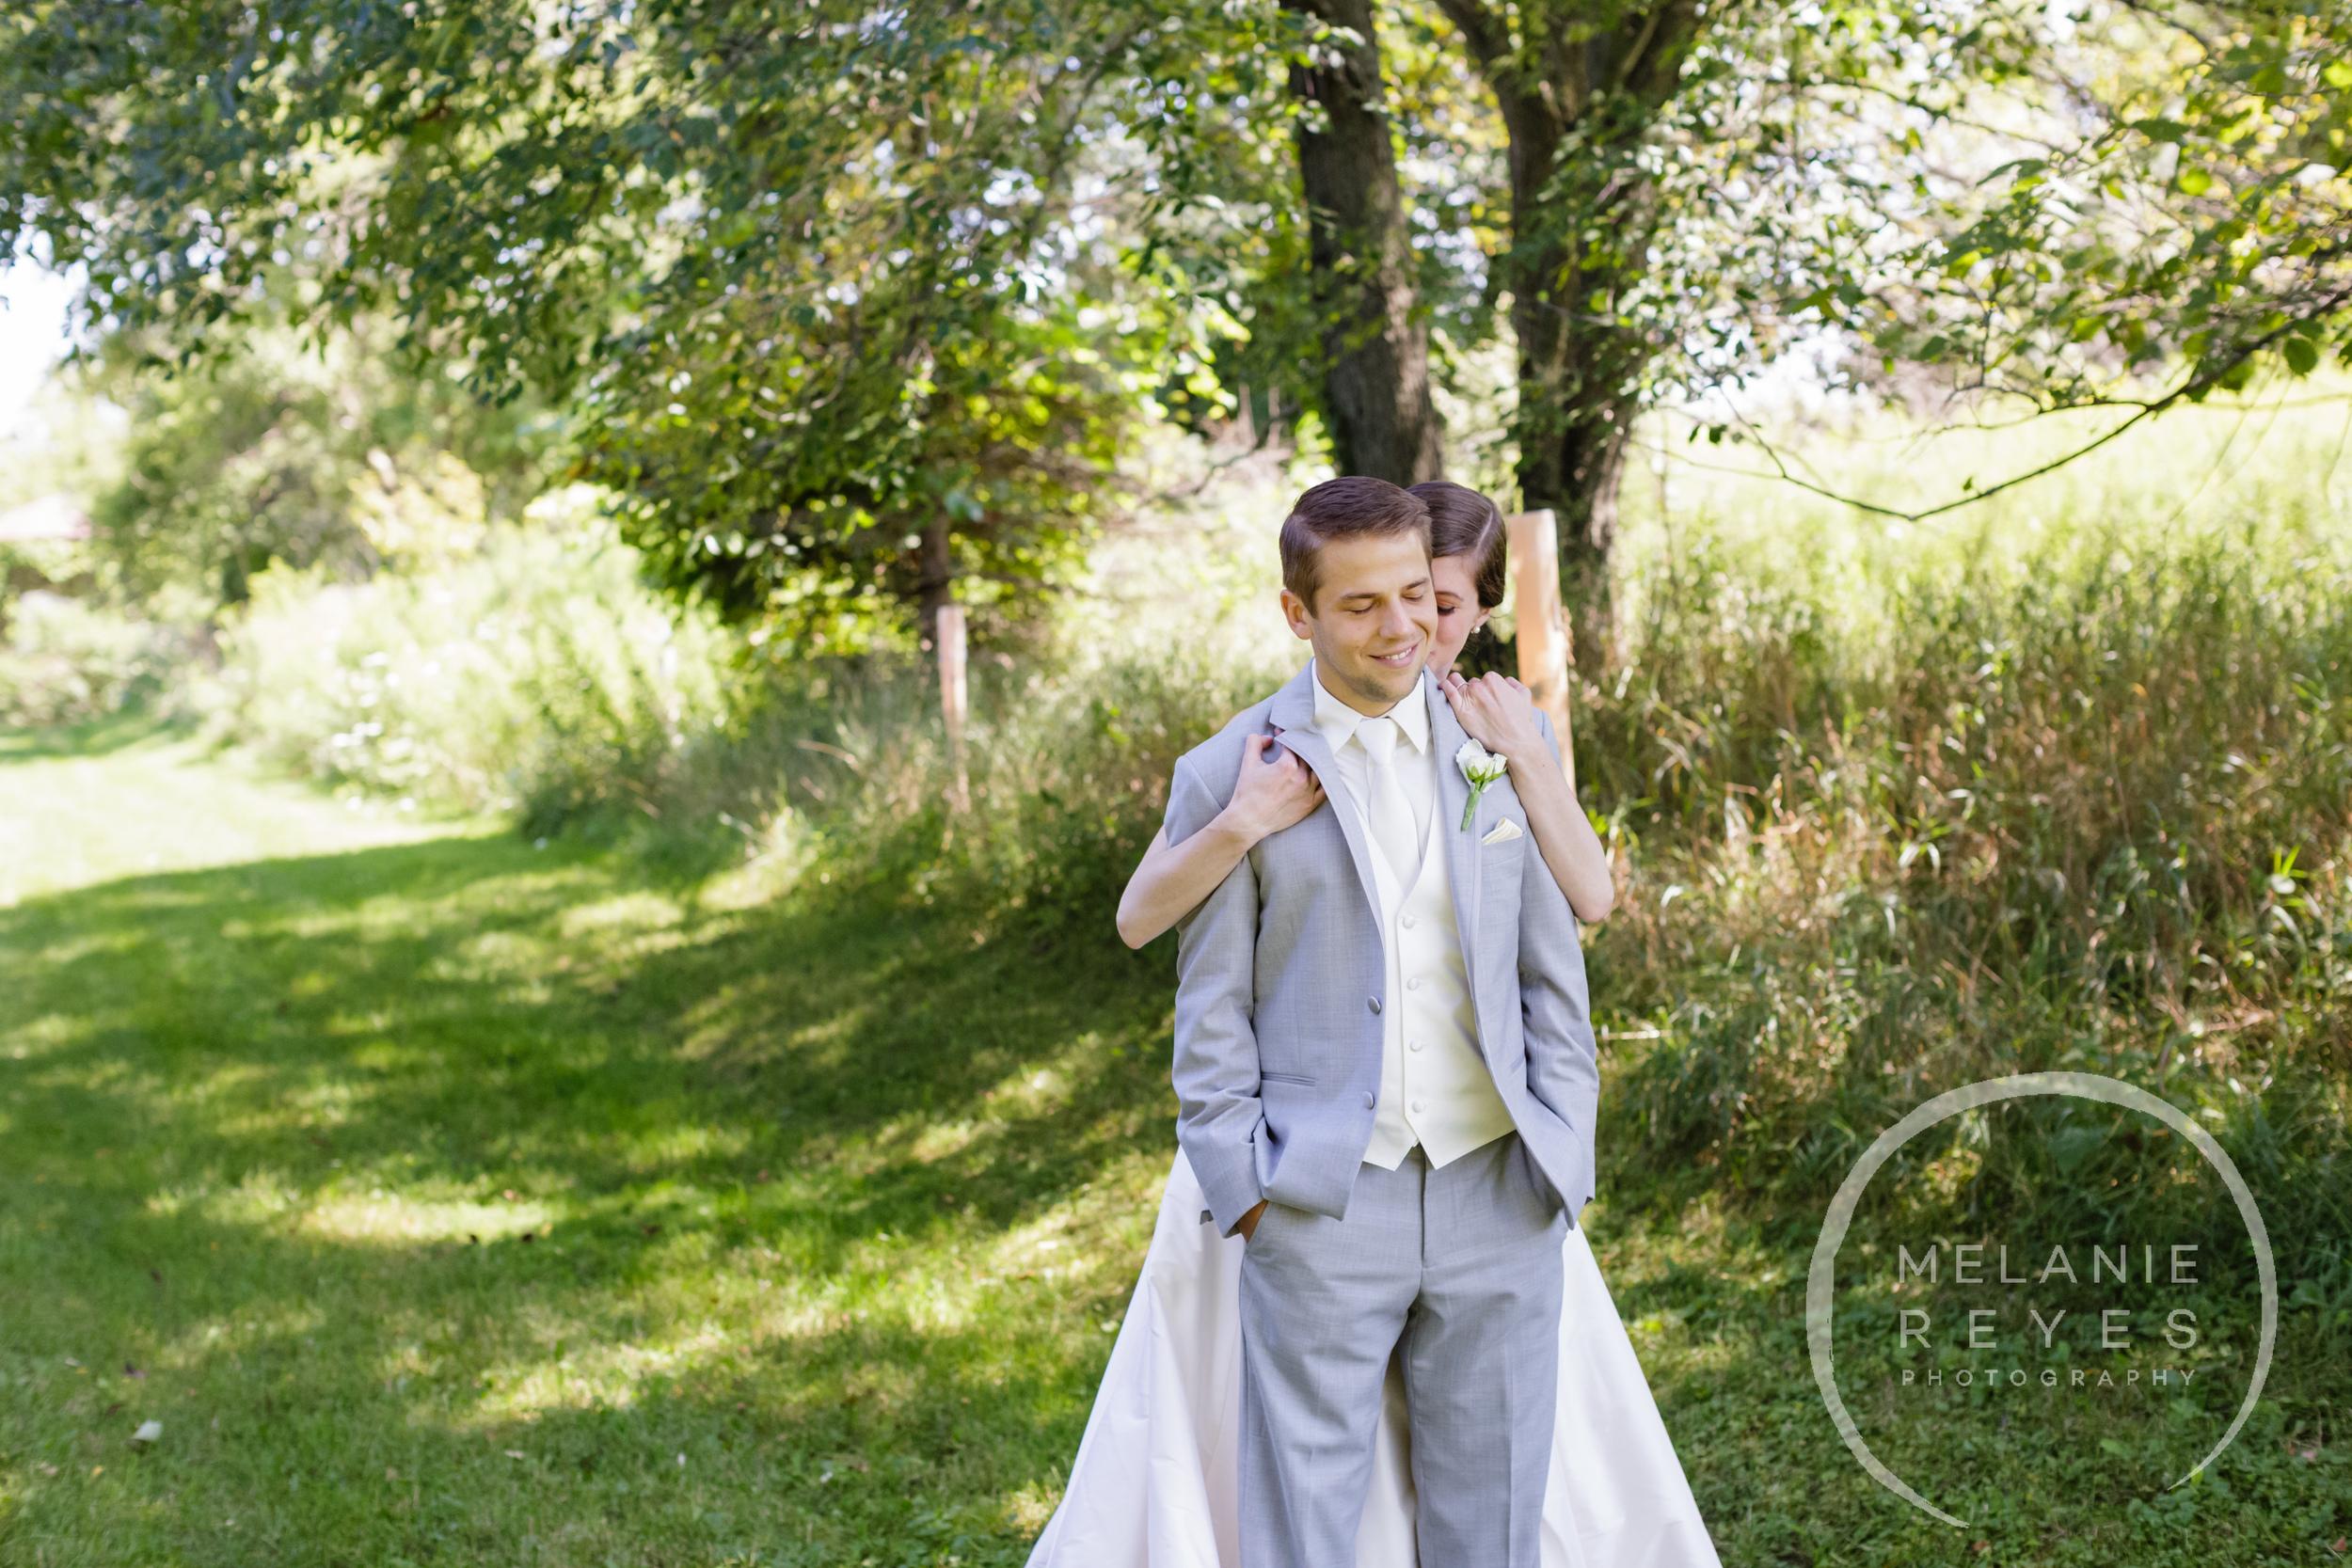 013_farm_wedding_melanie_reyes.JPG